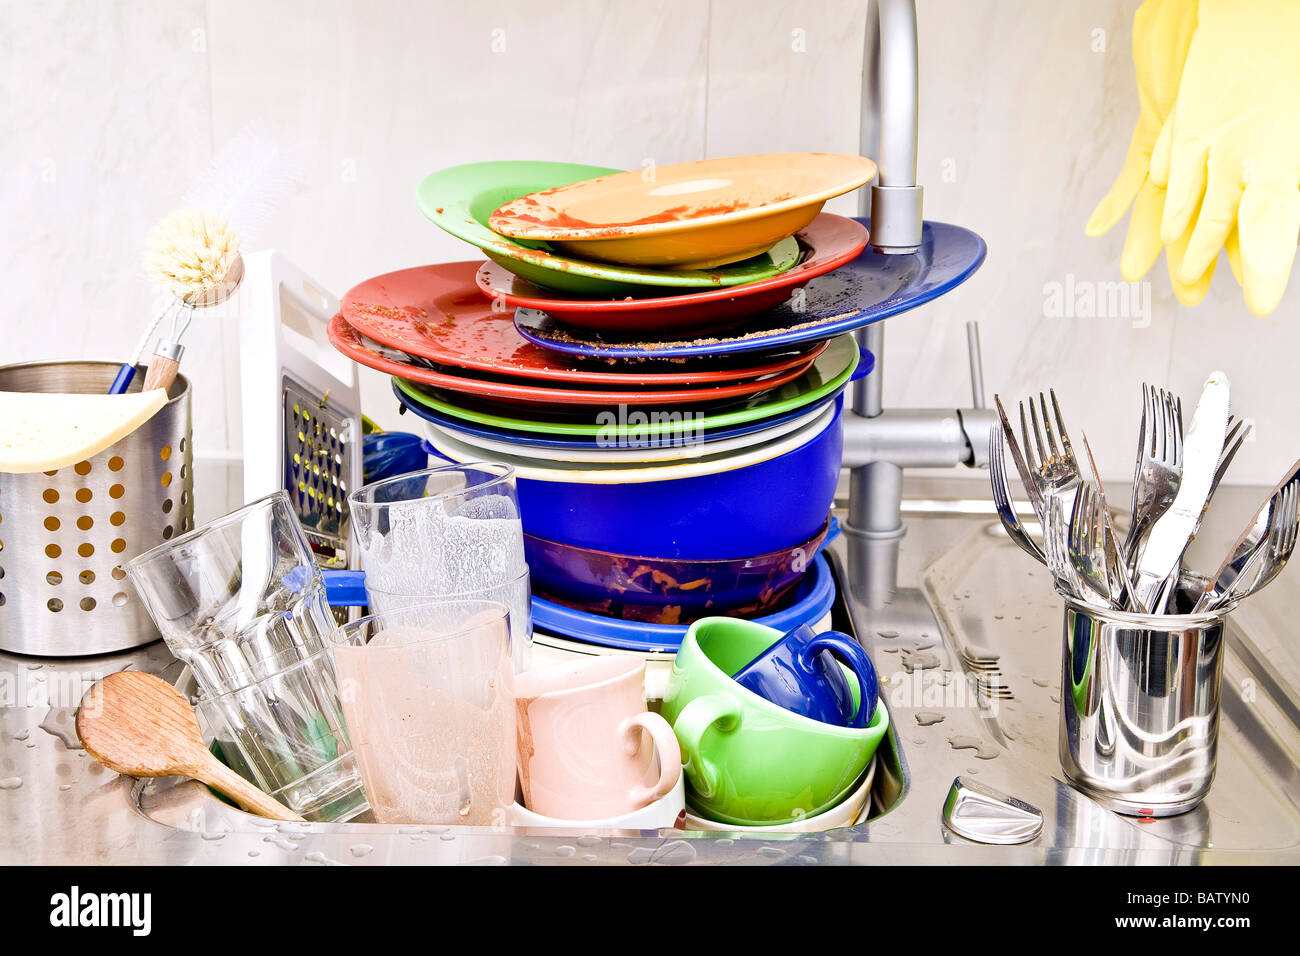 La vaisselle dans un évier de cuisine Photo Stock